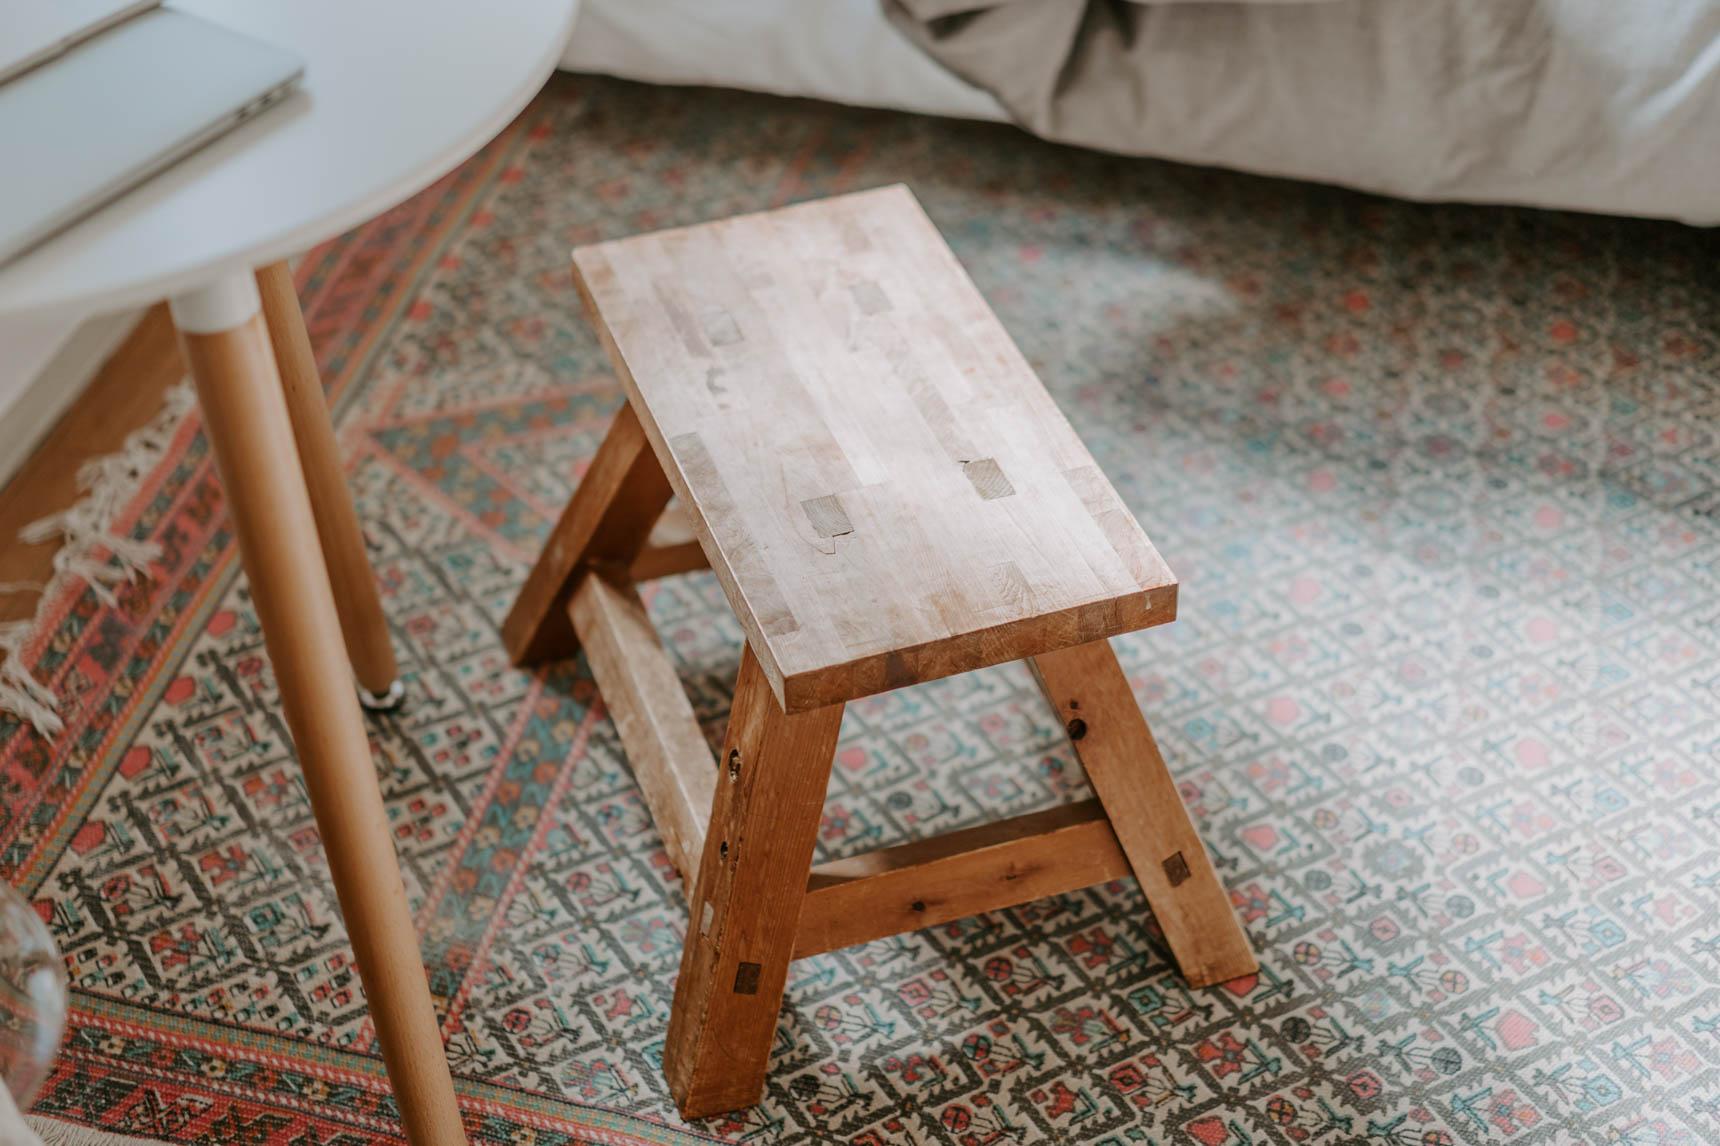 合わせているスツールは、なんとお兄さんが小学生の時に工作教室で作ったもの!椅子にも、テーブルにもなるのがポイントとのこと。